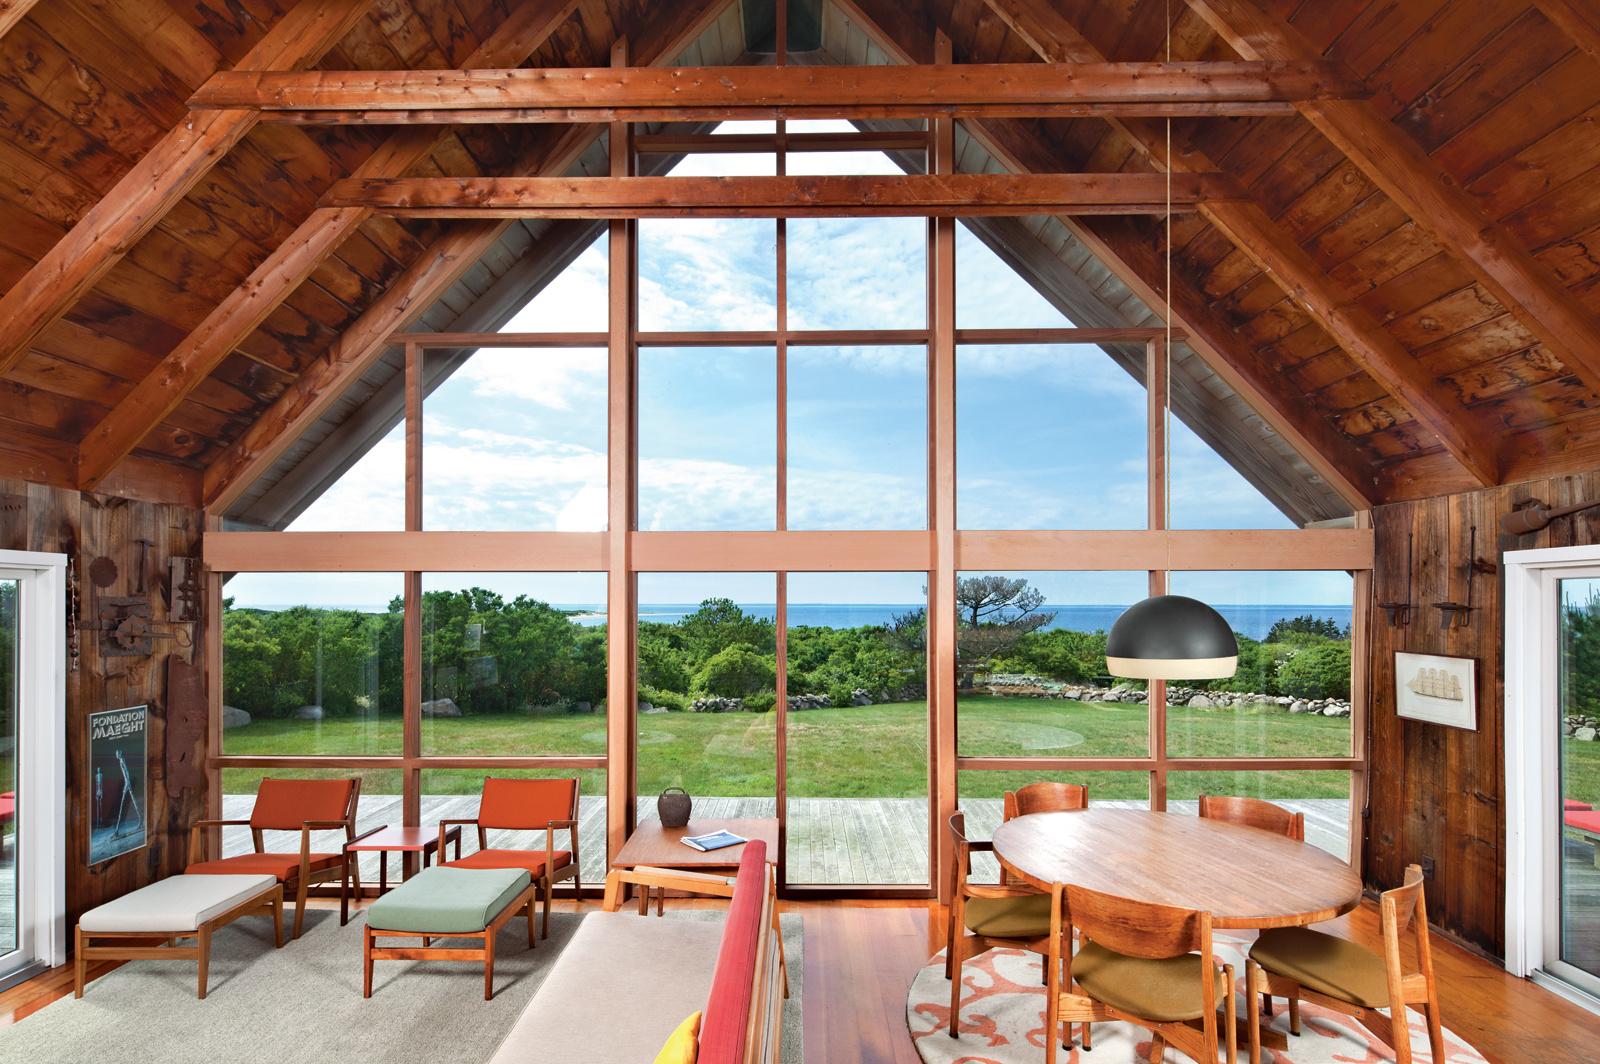 die wohngalerie jens risom und sein zeitlos klassisches prefab haus auf rhodes island. Black Bedroom Furniture Sets. Home Design Ideas